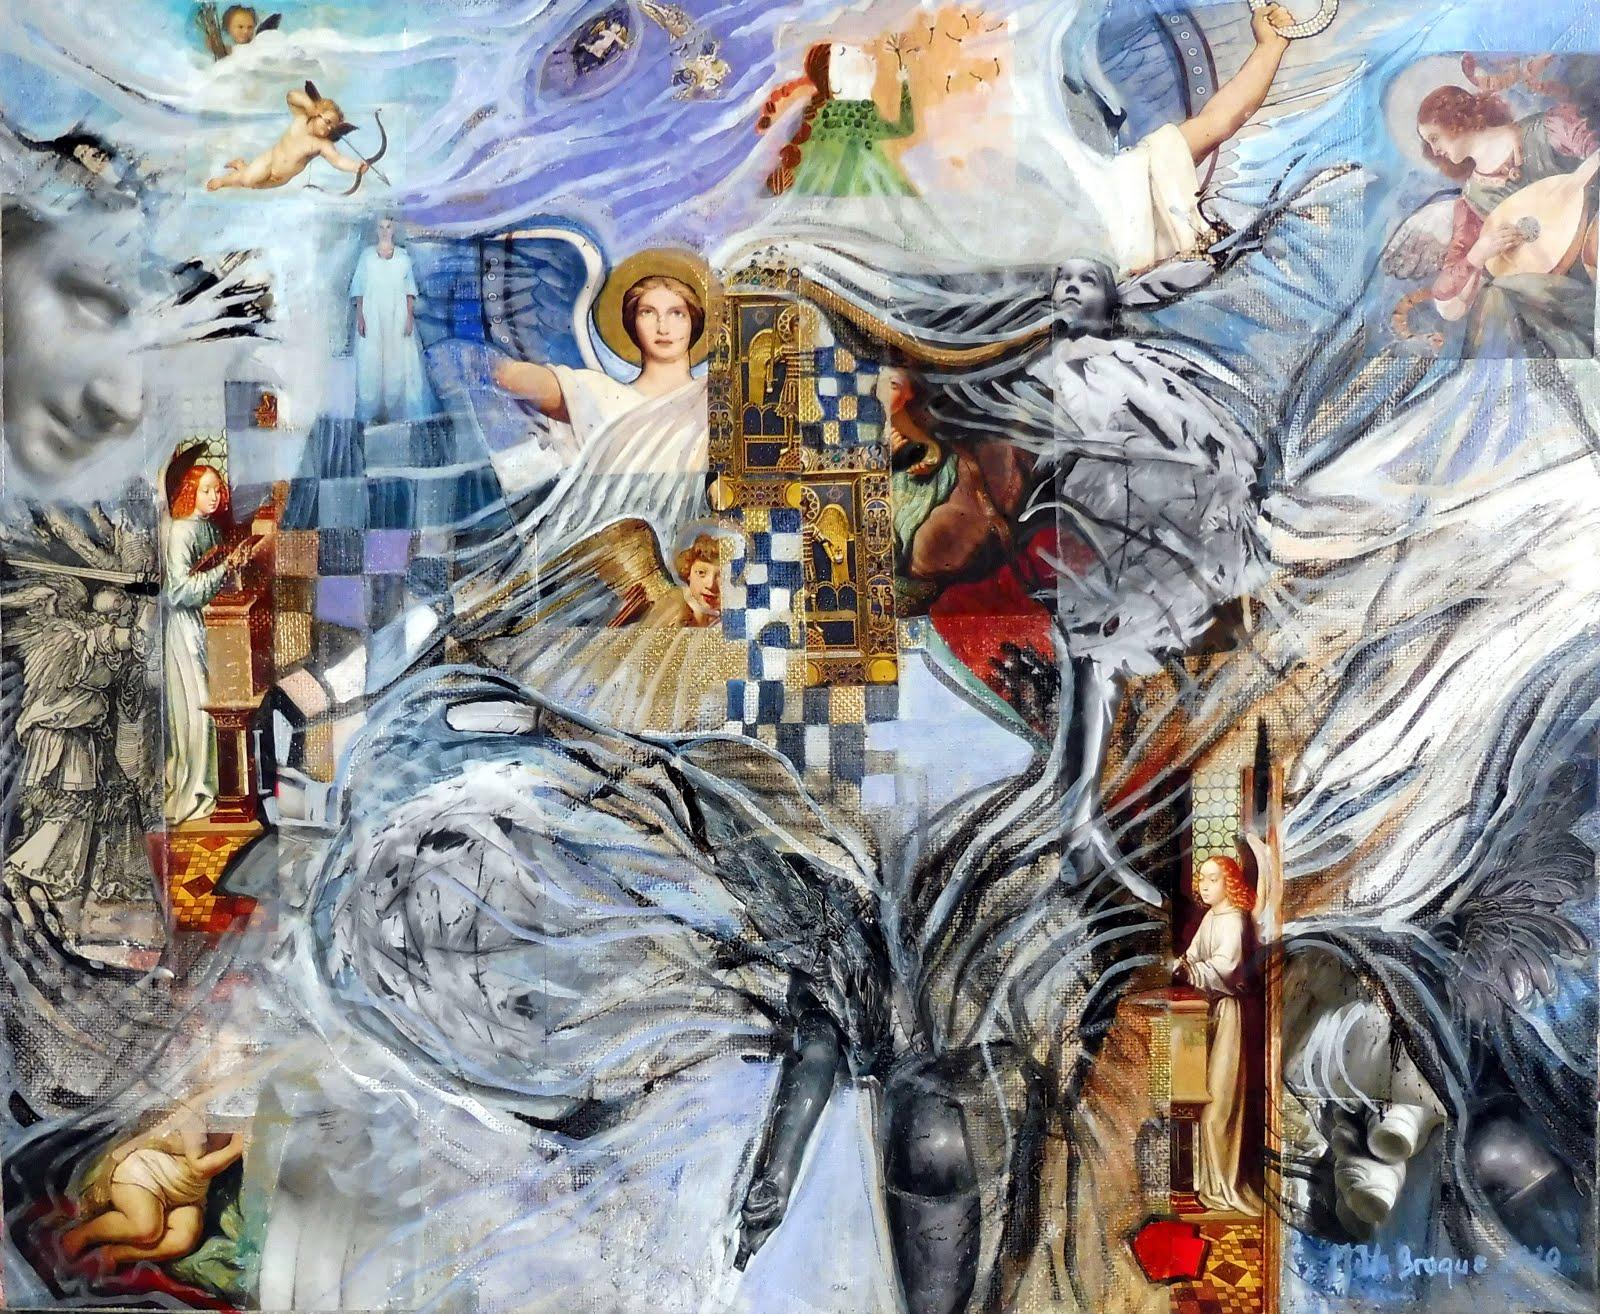 Sweet angels - 46 x 31 cm - 2020